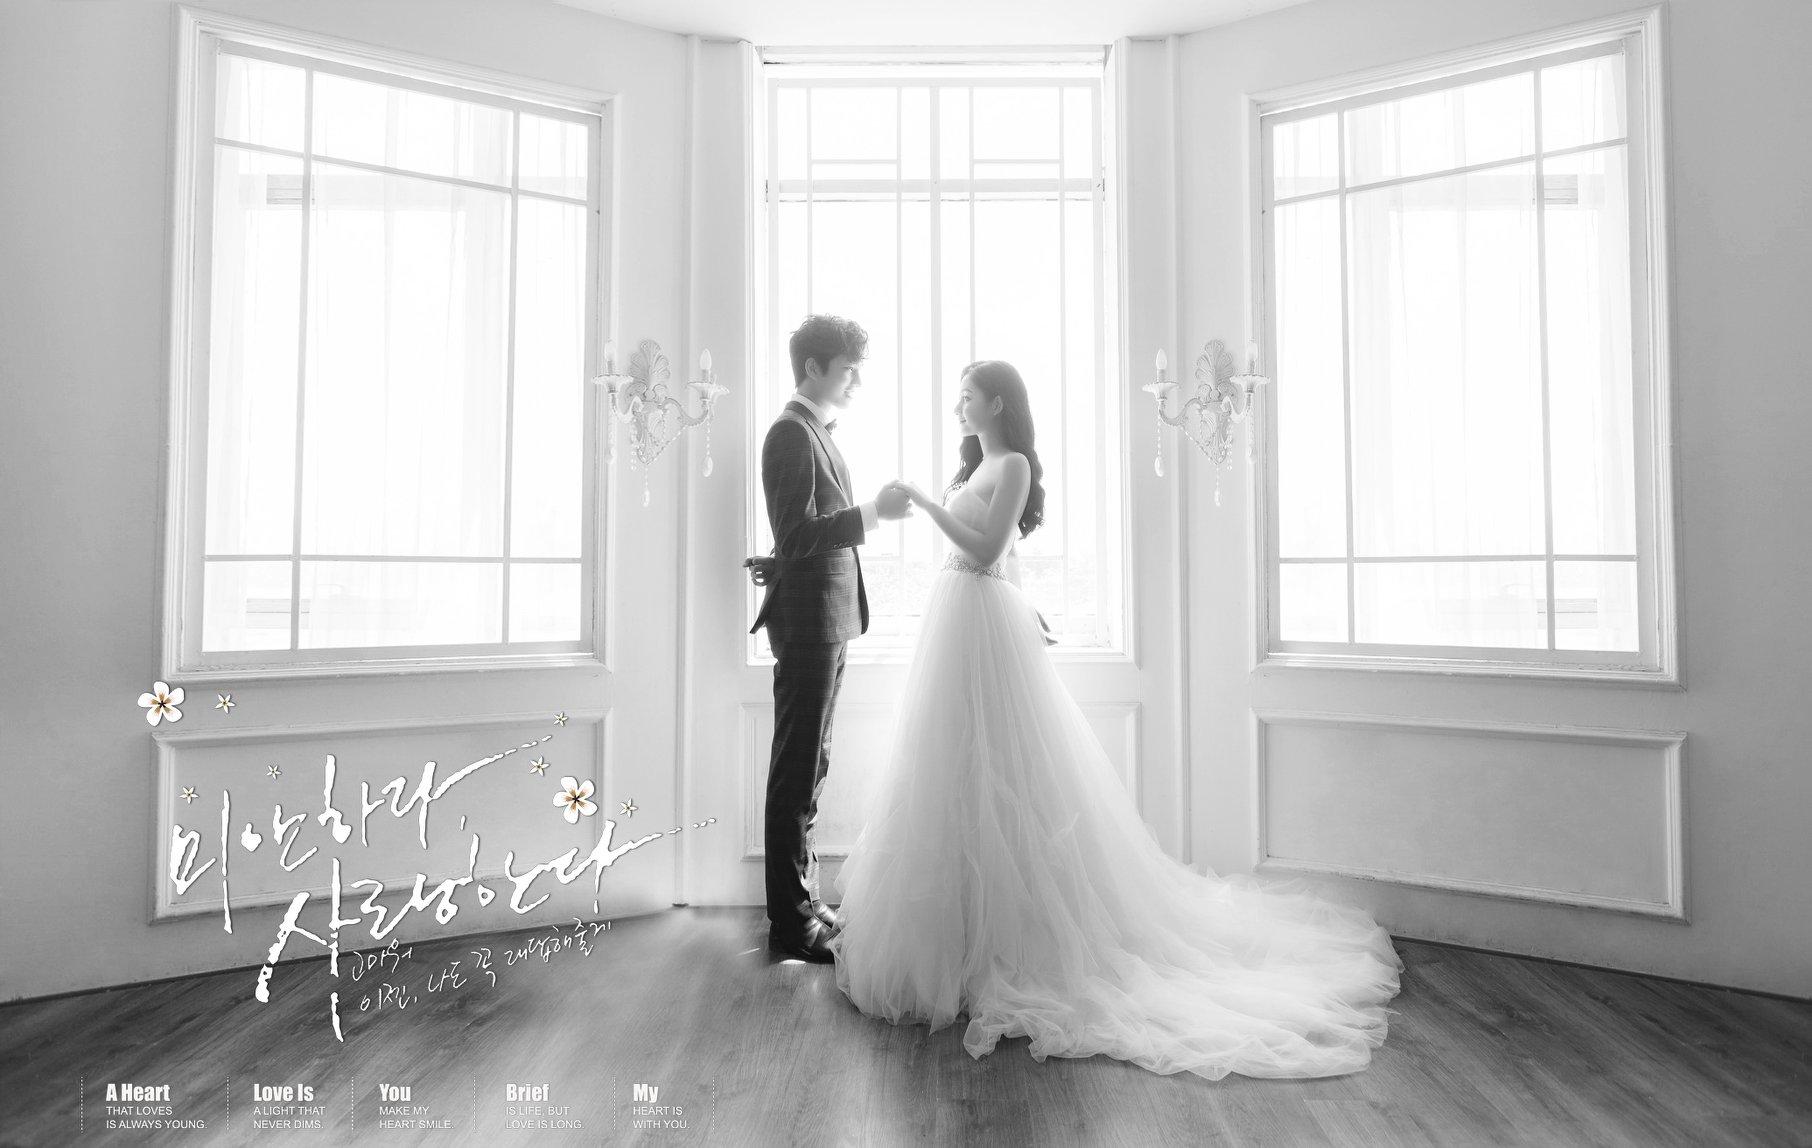 Album tại TuArt - Album chụp ảnh cưới đẹp phong cách Hàn Quốc 19